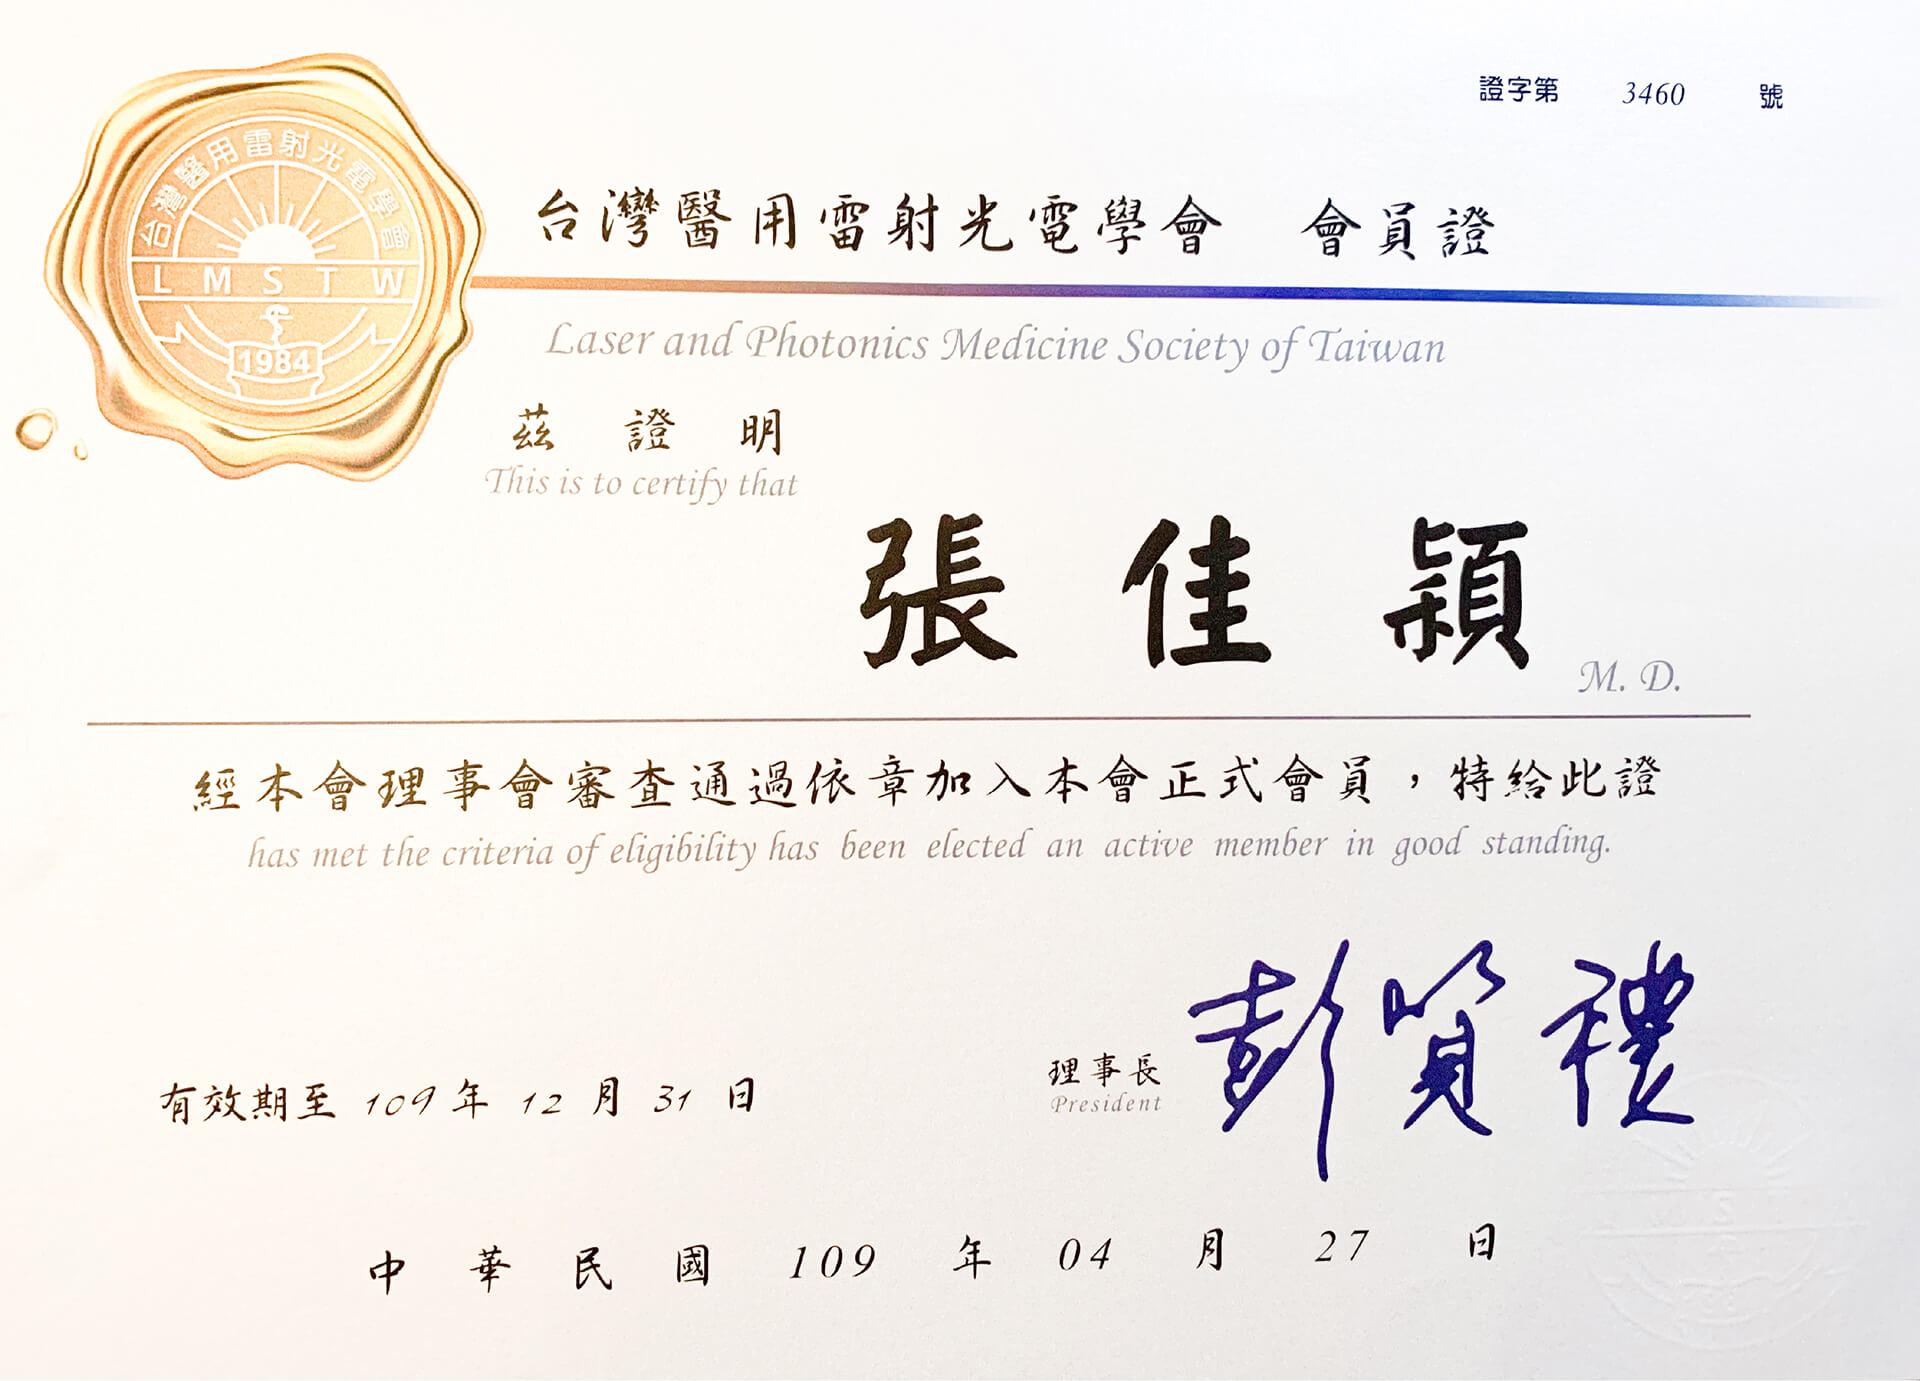 醫用雷射光電醫學會會員完成-1.jpg